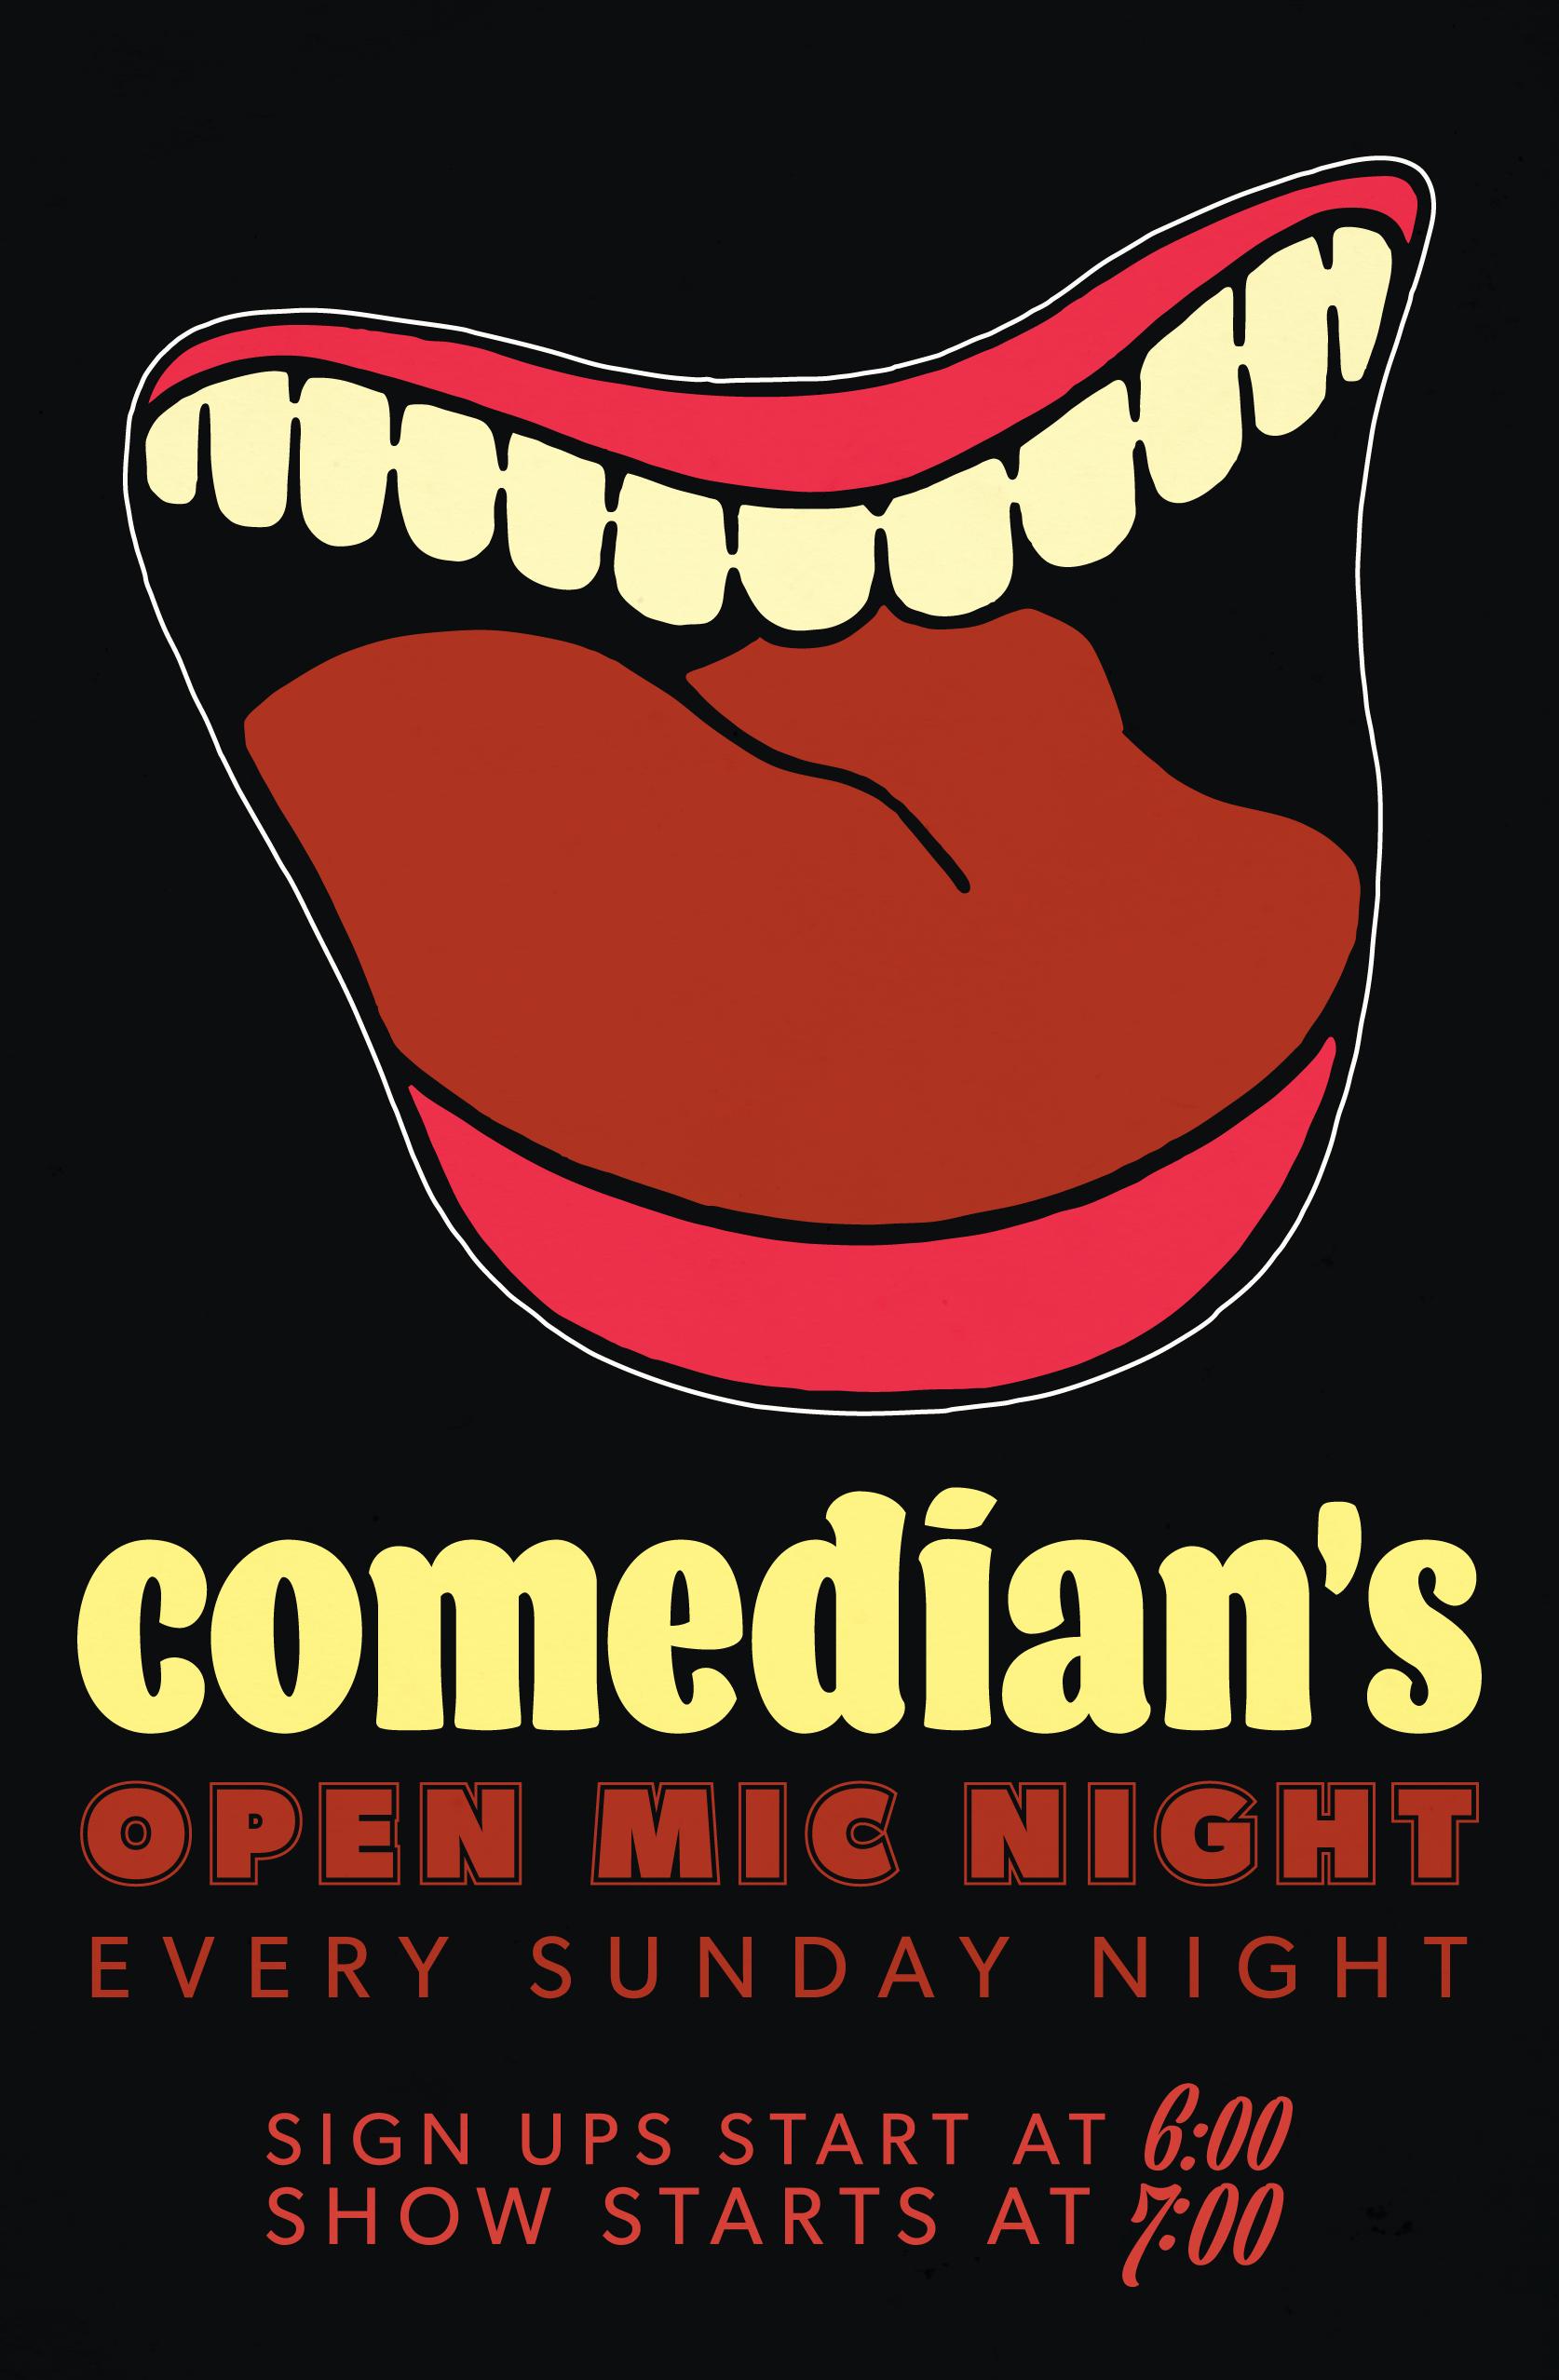 Comedy Club Signage